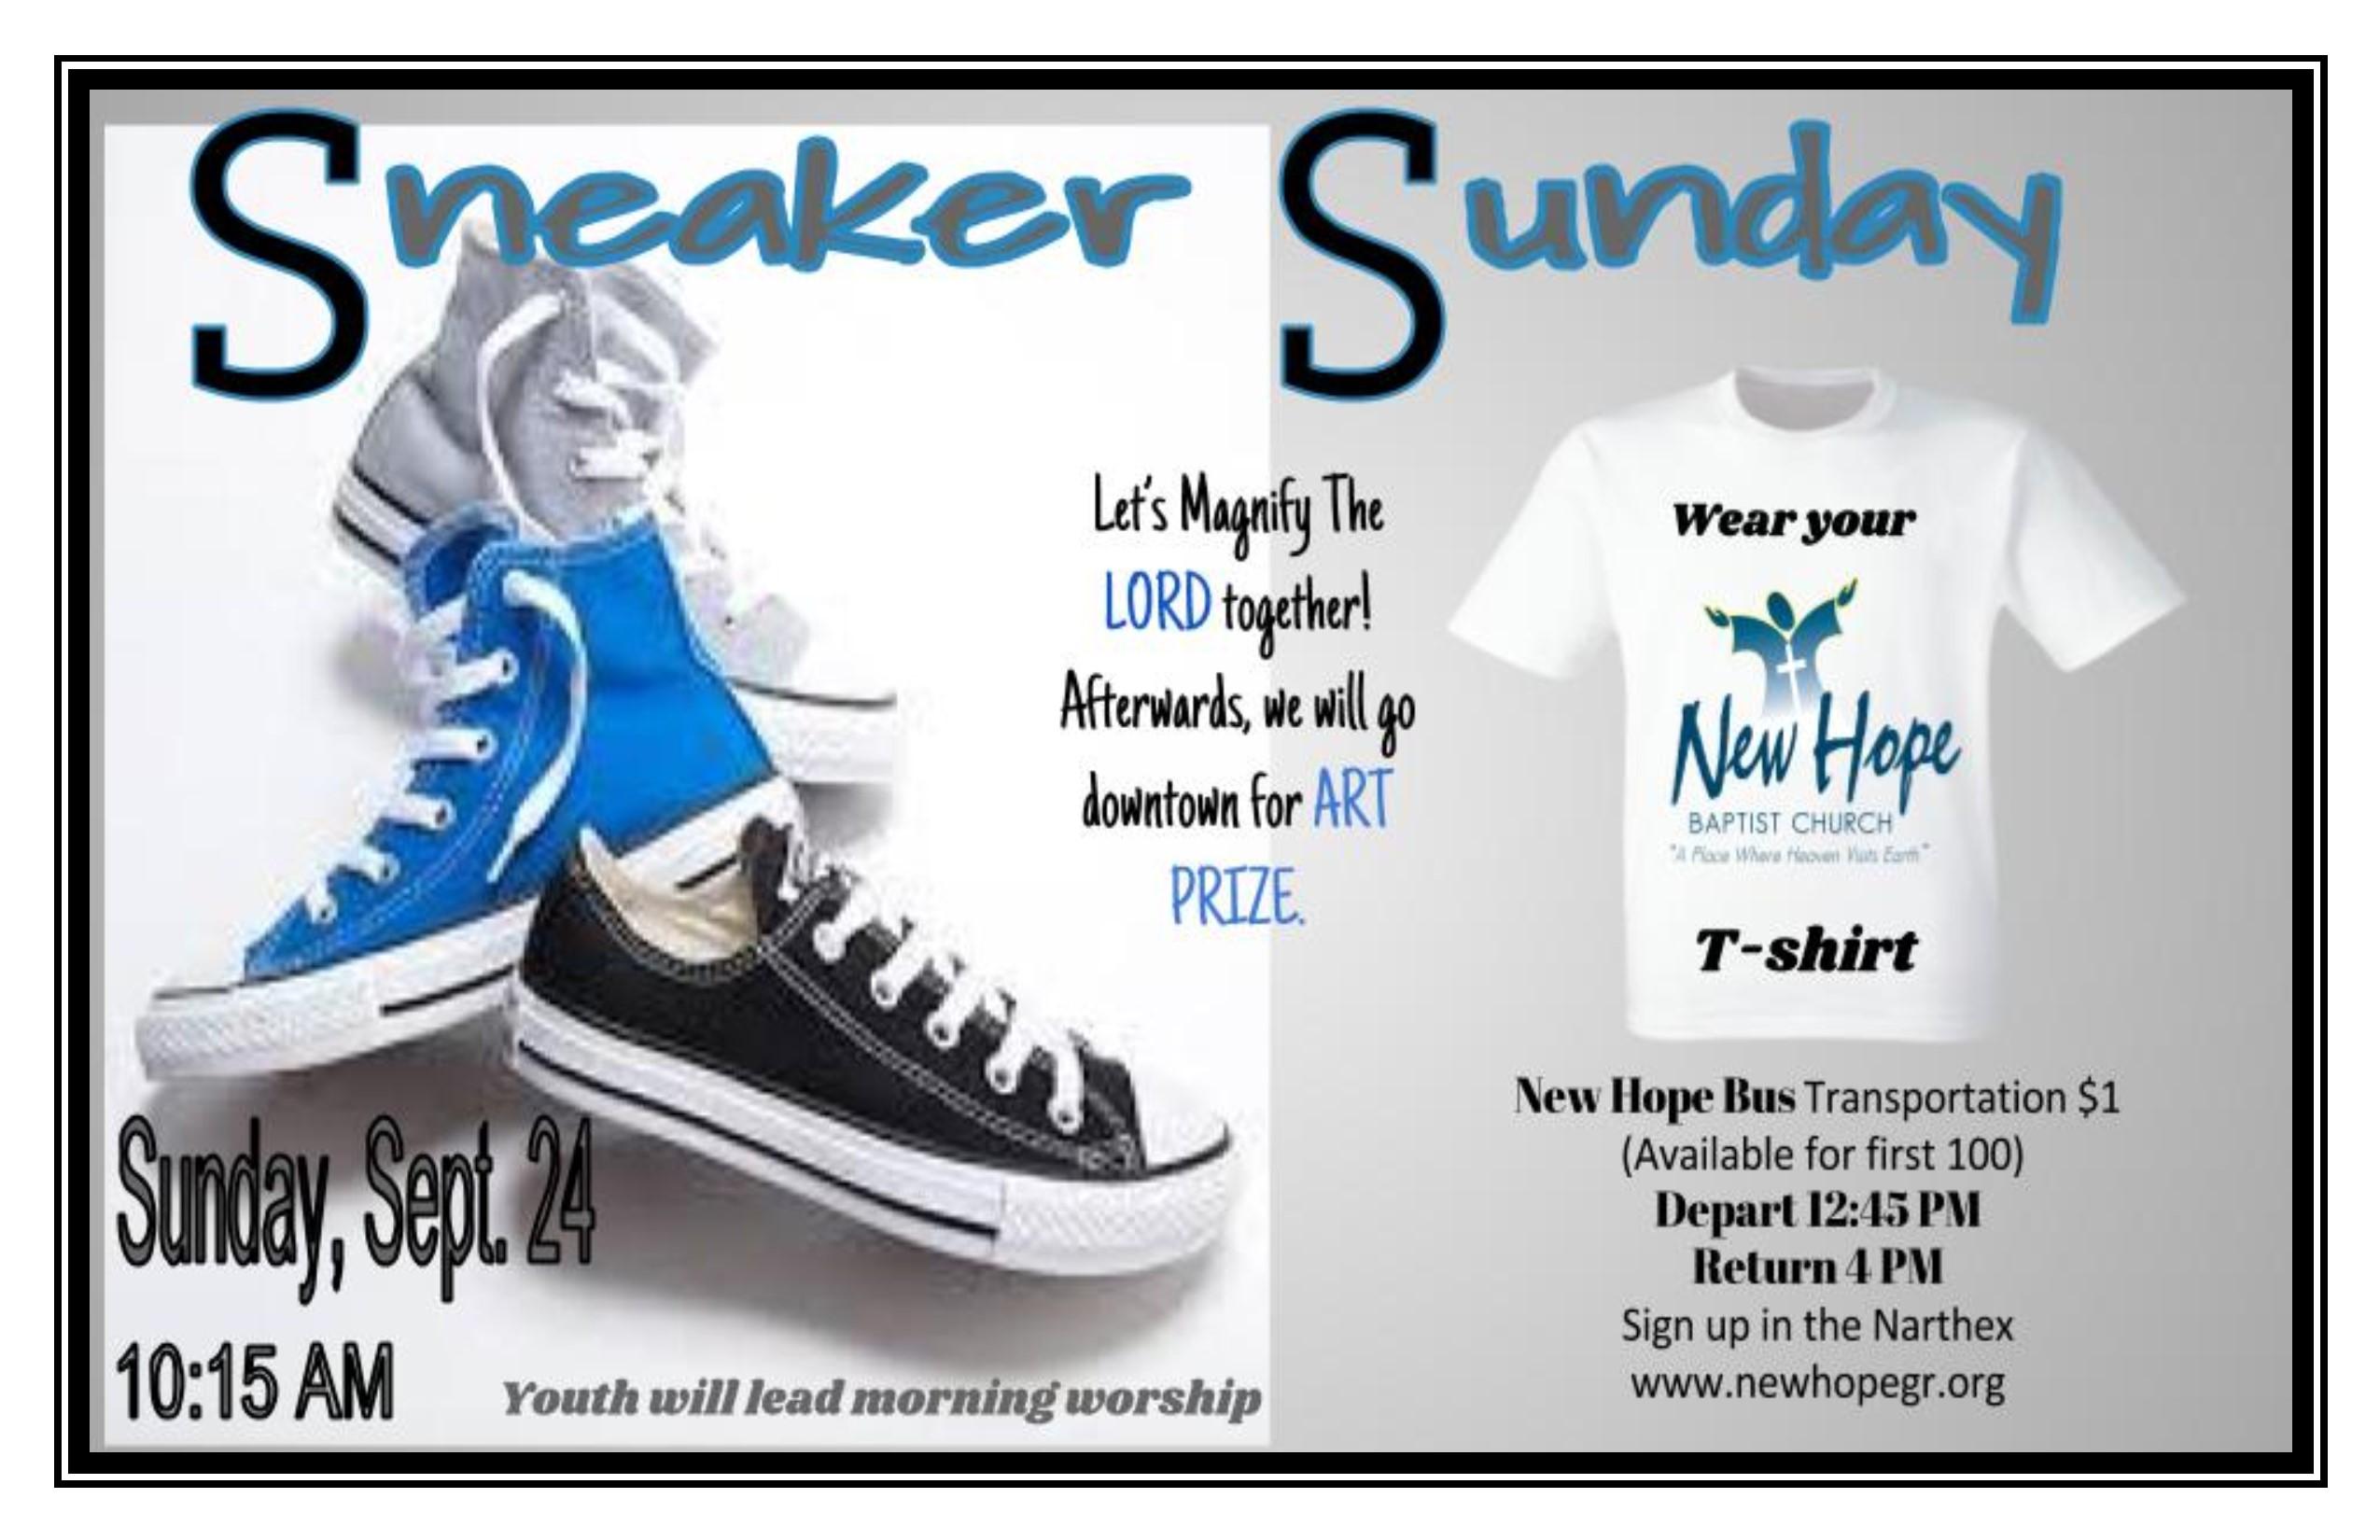 Sneaker Sunday Flyer